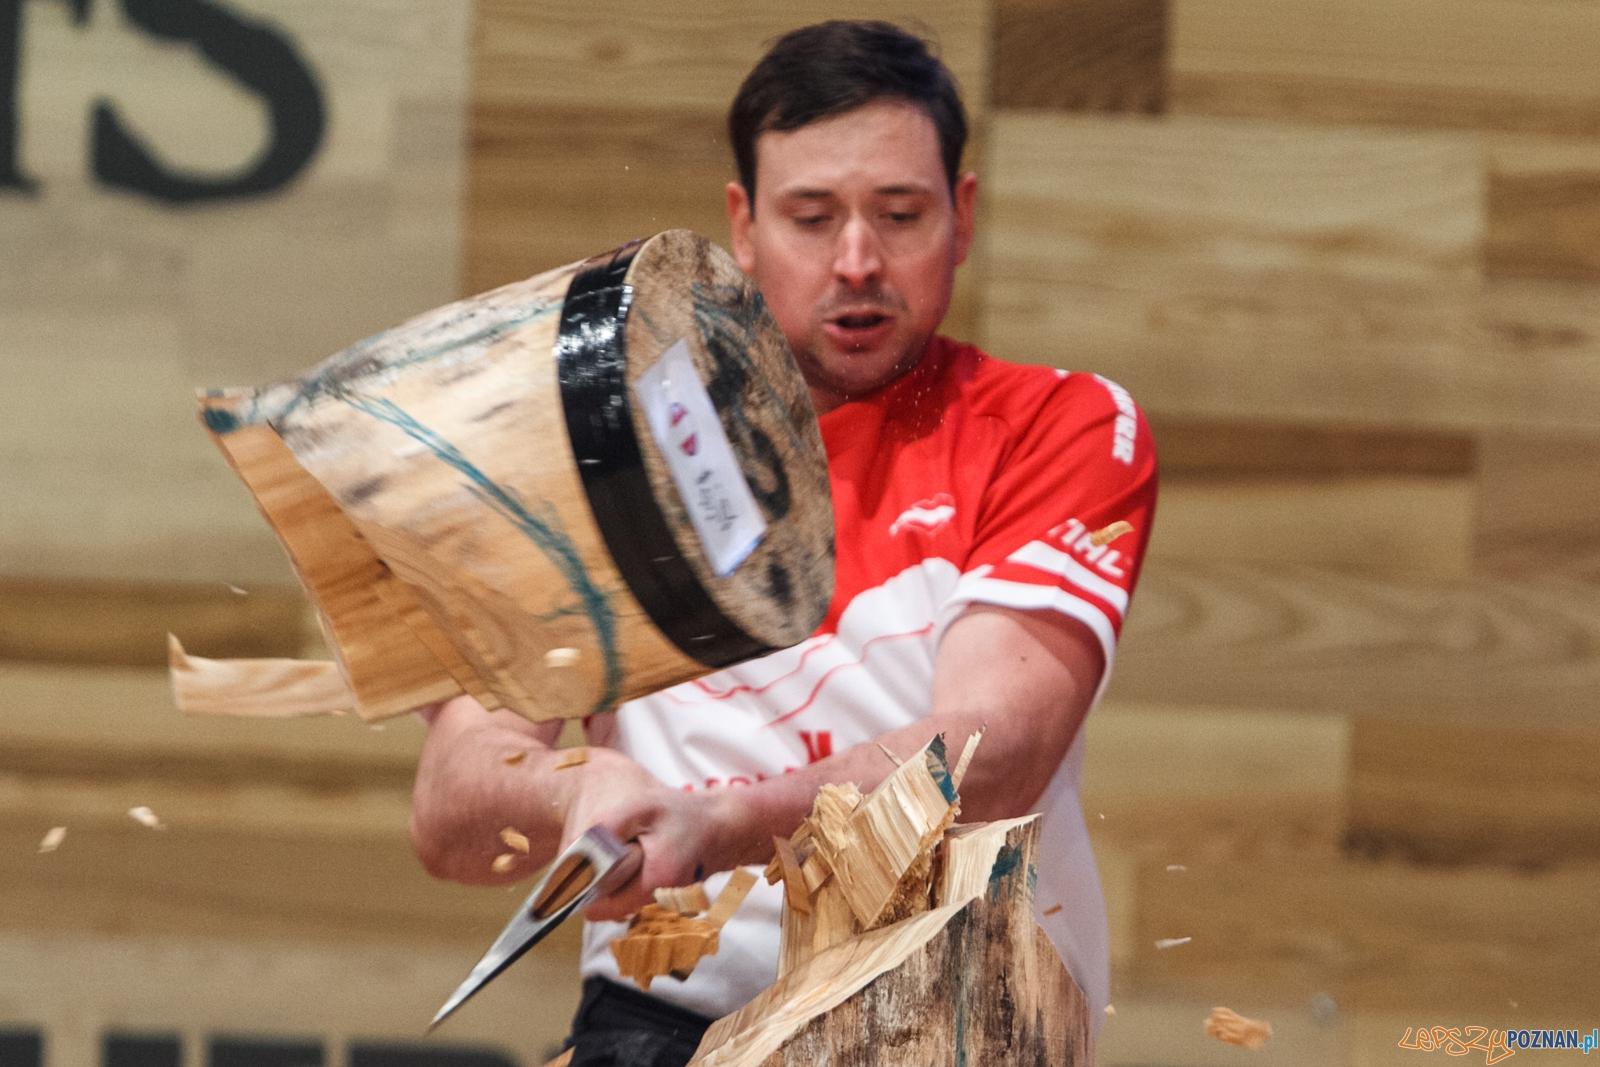 Stihl Timbersports 2015 - Poznań 13.11.2015 r.  Foto: LepszyPOZNAN.pl / Paweł Rychter